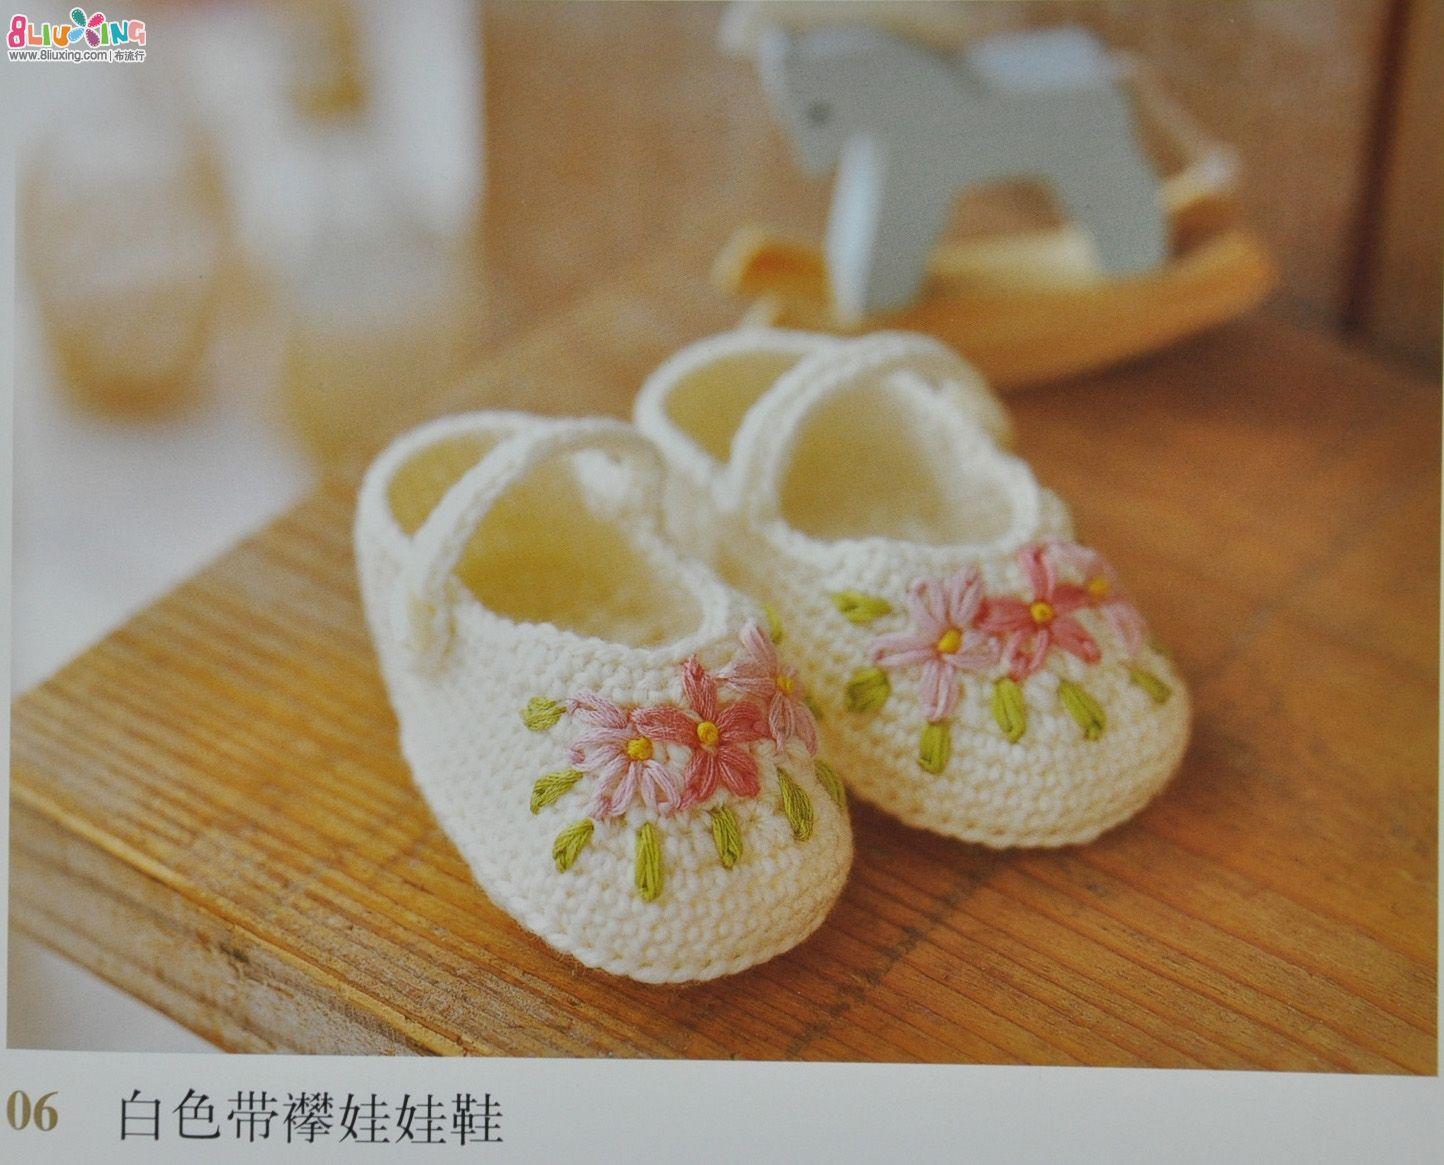 阳阳花婴儿用品